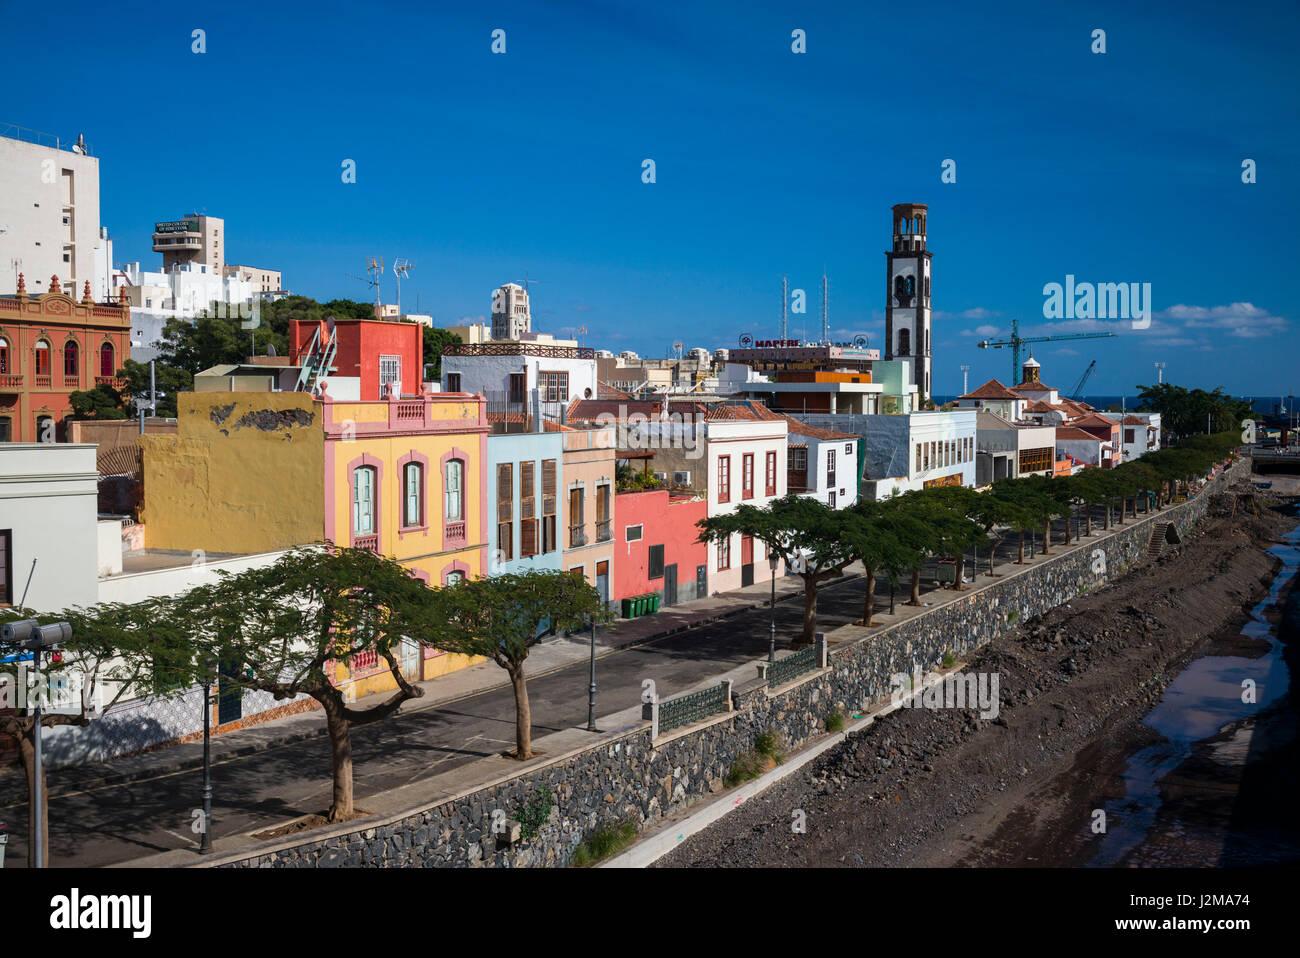 España, Islas Canarias, Tenerife, Santa Cruz de Tenerife, edificios junto al barranco de los Santos río Foto de stock